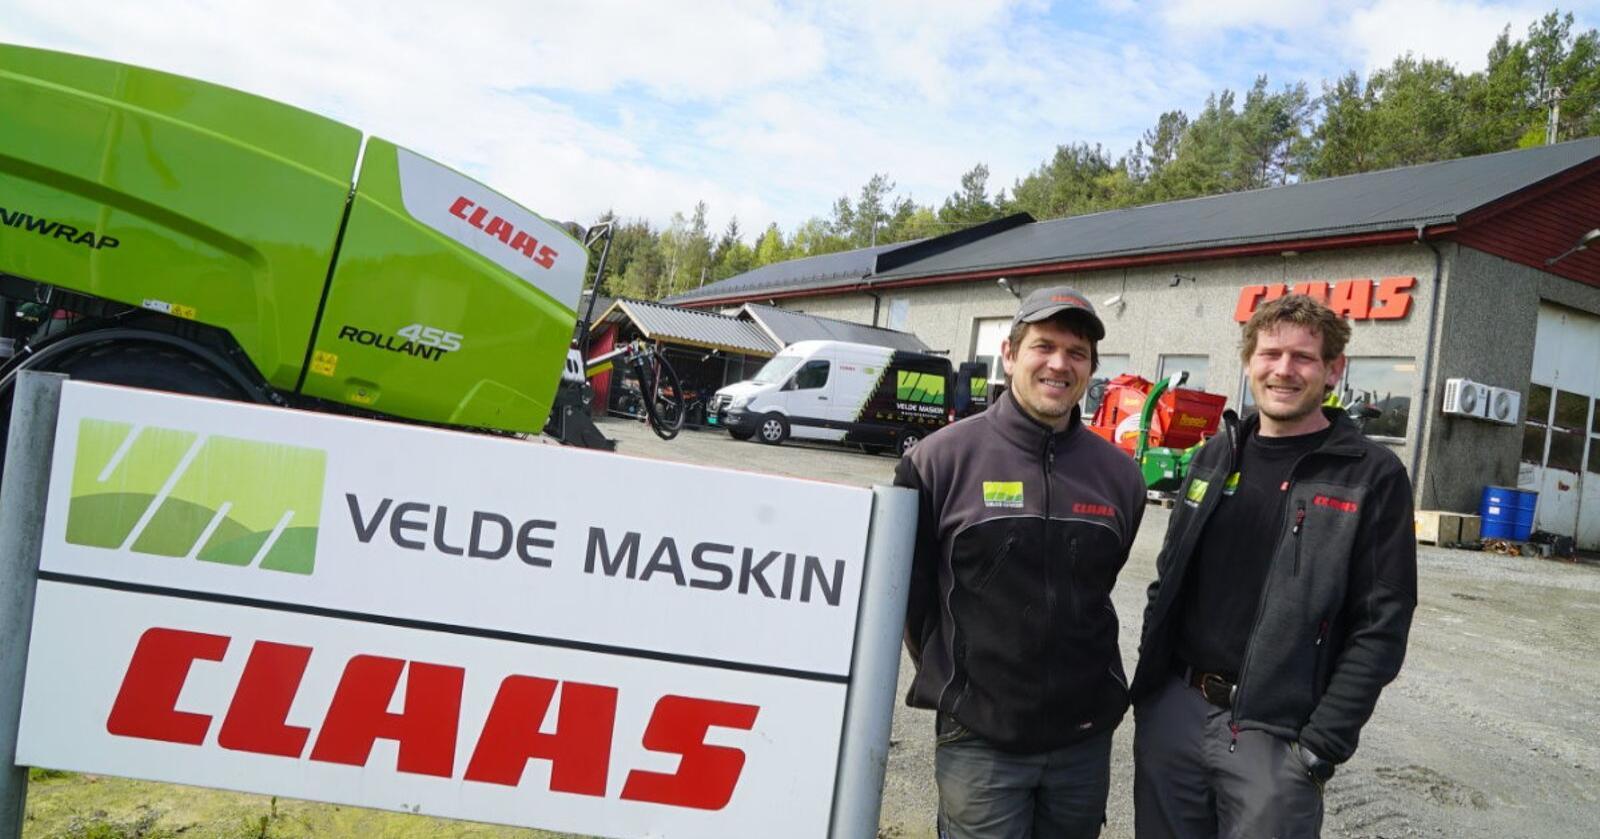 F.v: Harld og Asbjørn Velde. (Foto: Norwegian Agro Machinery)